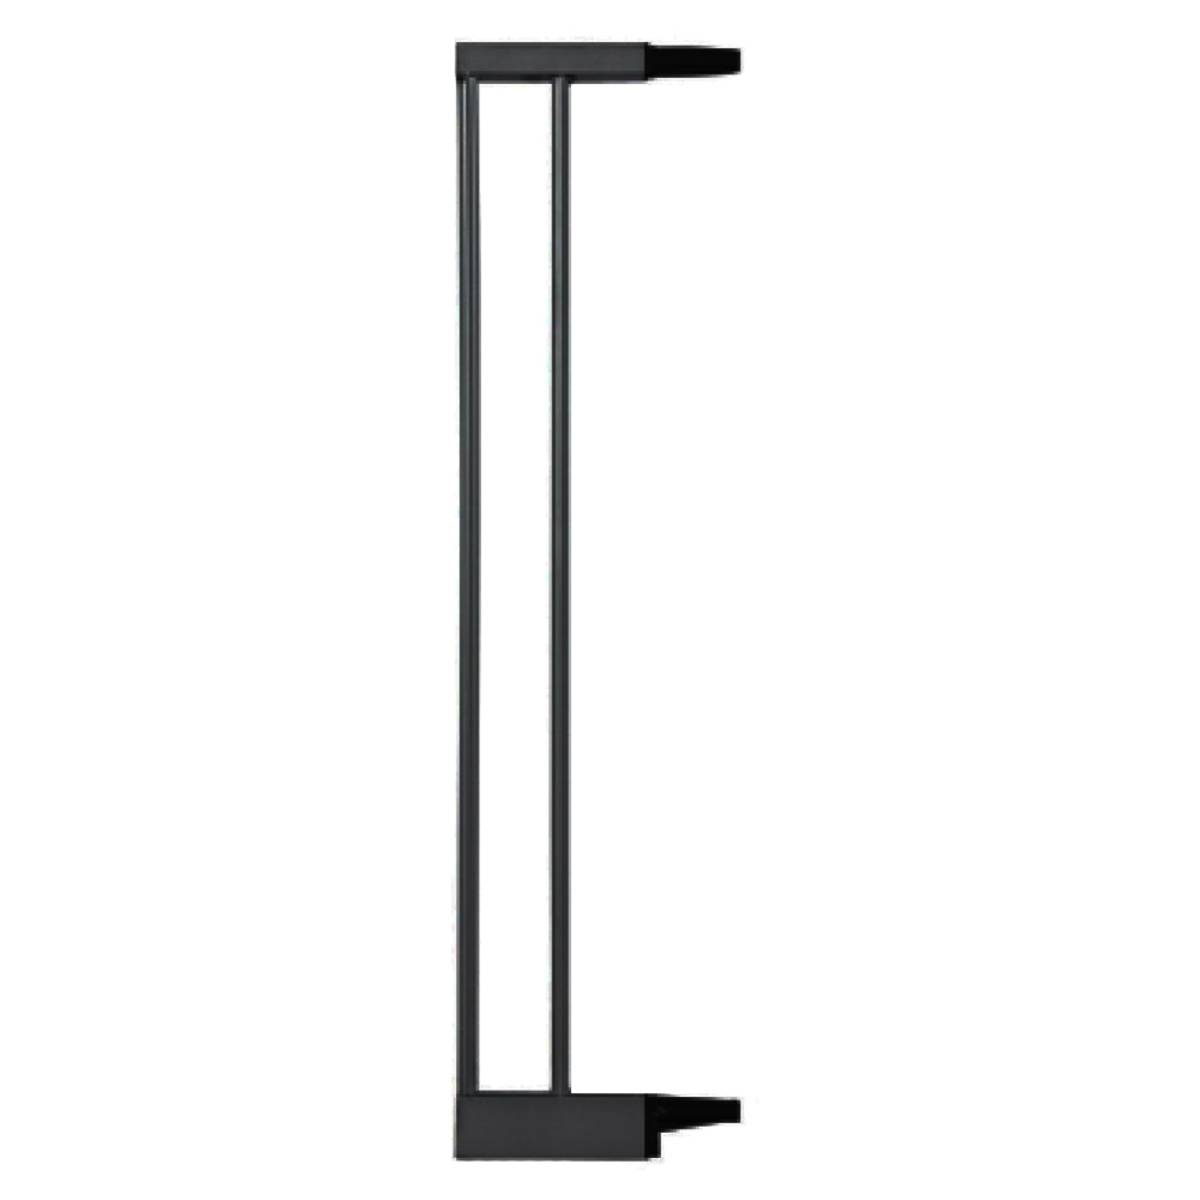 Quax Rallonge 12,4 cm - Noir